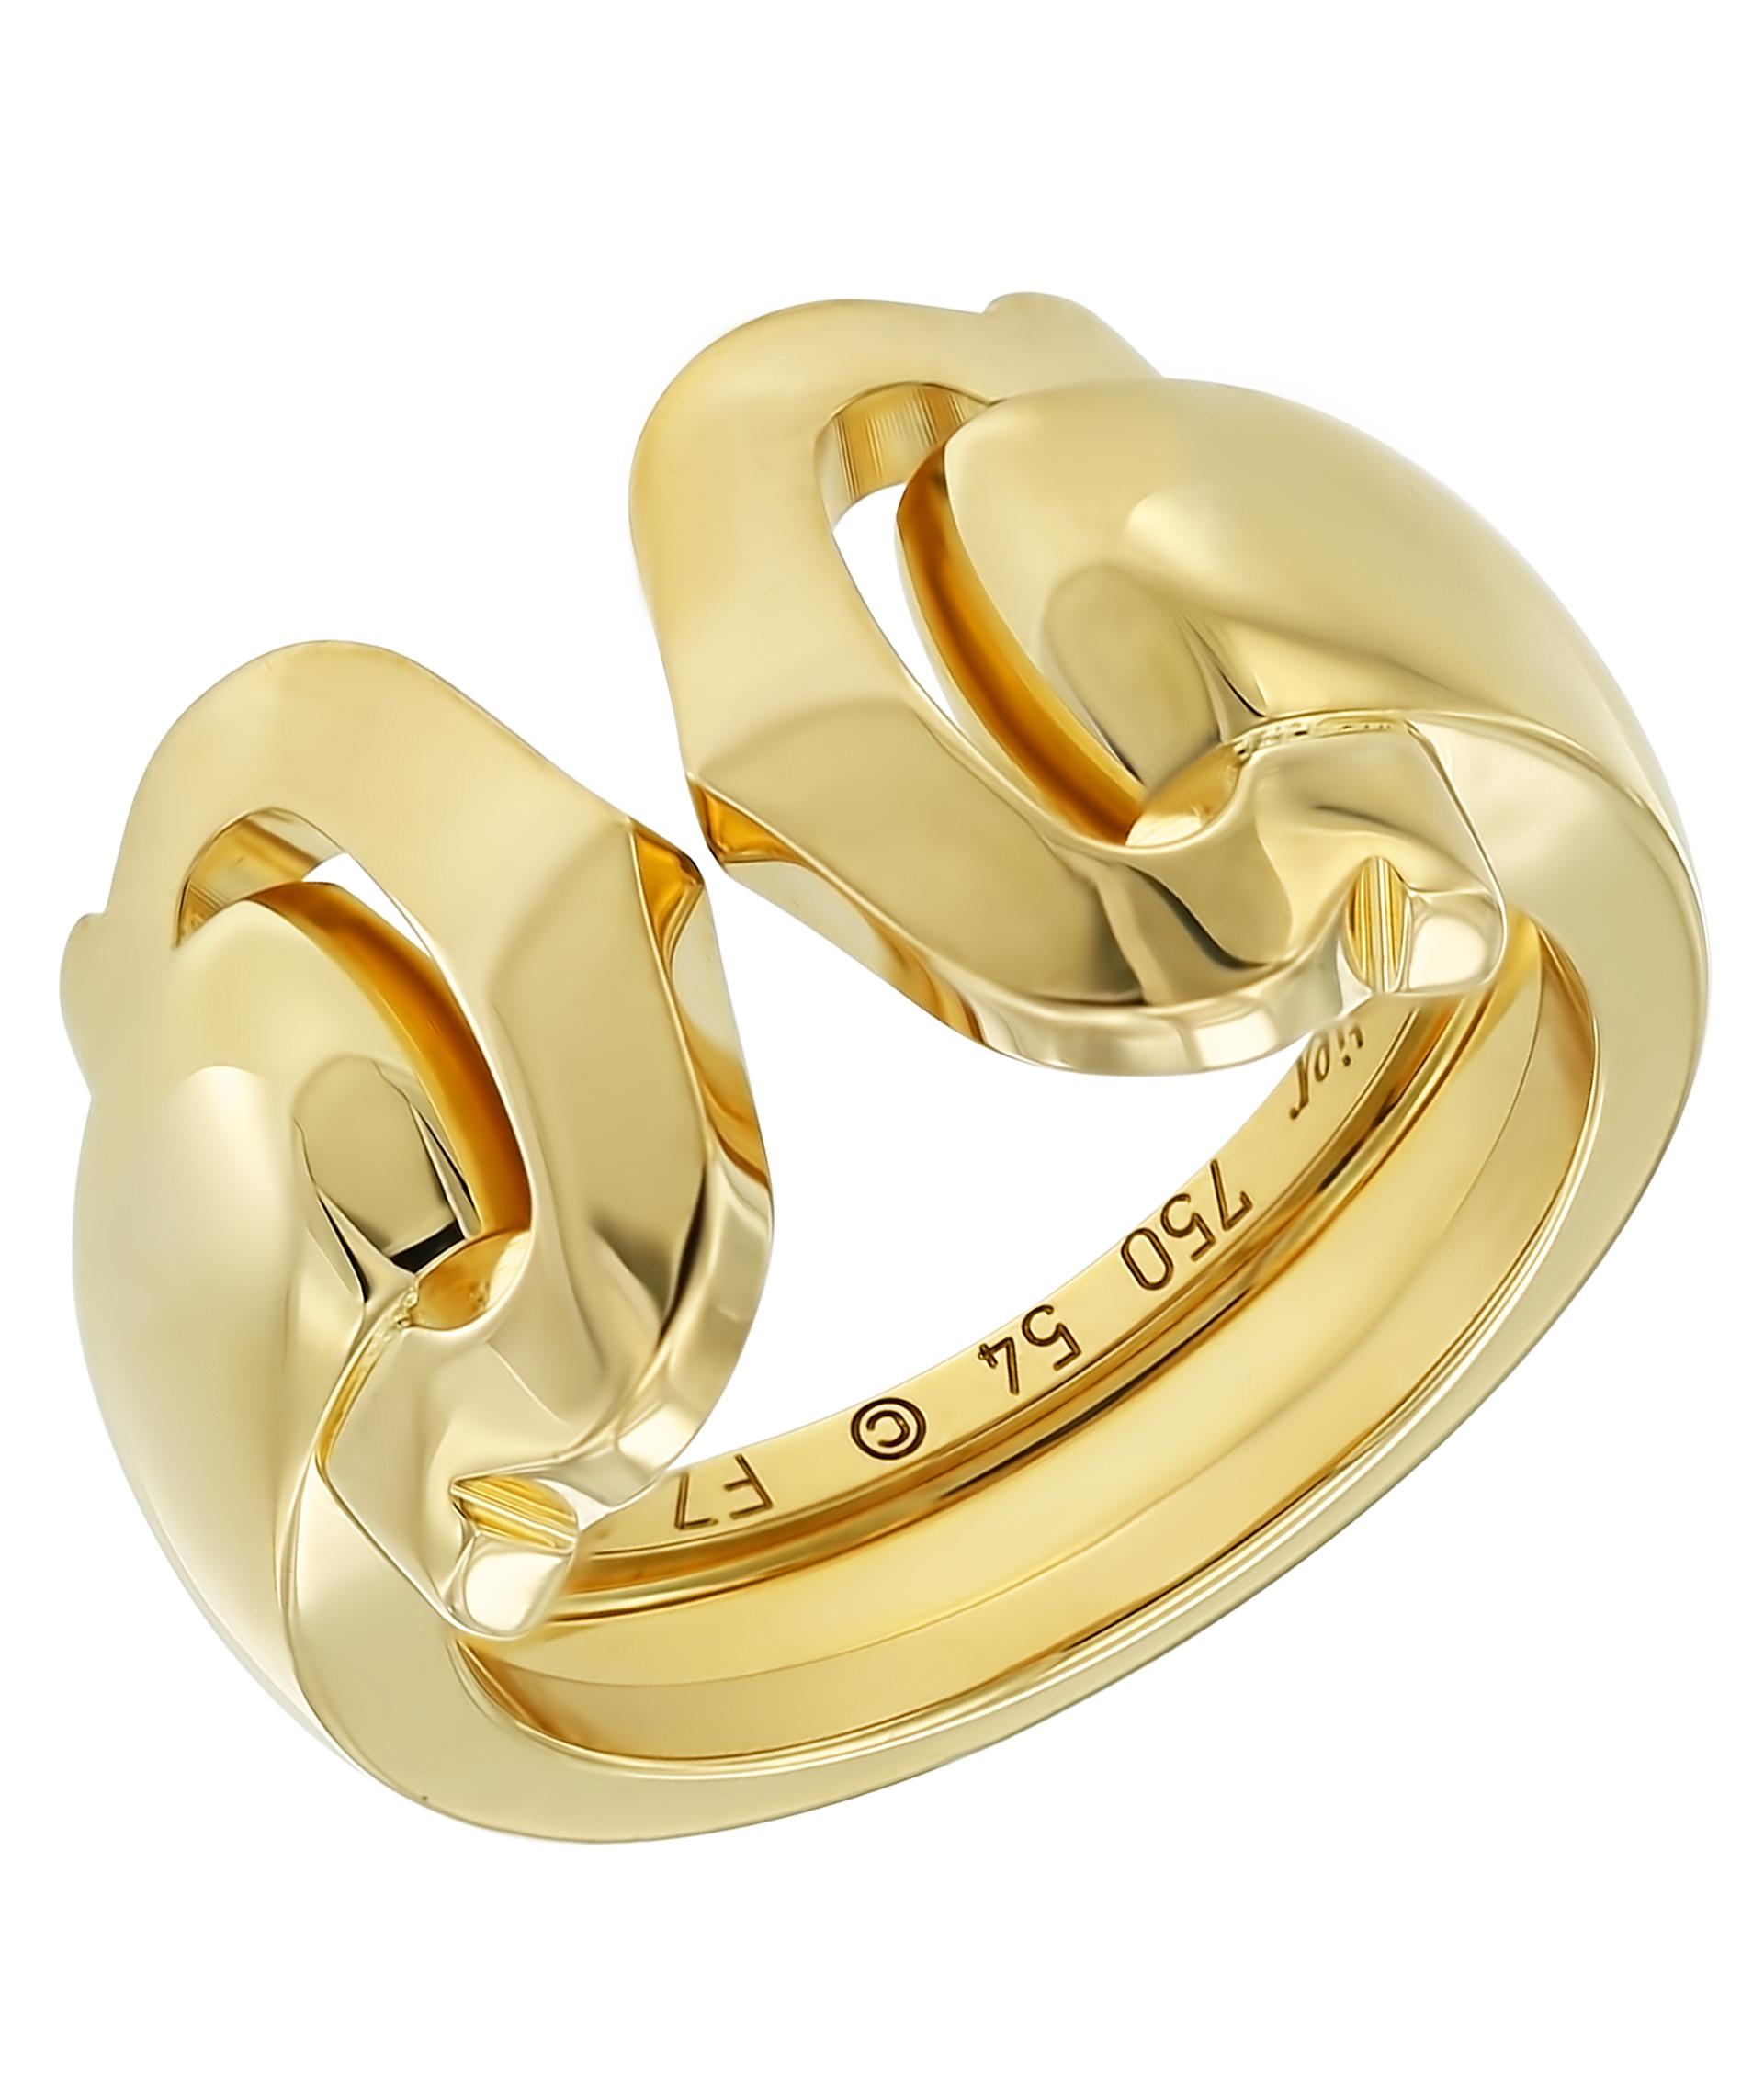 Обручальные кольца эстет купить